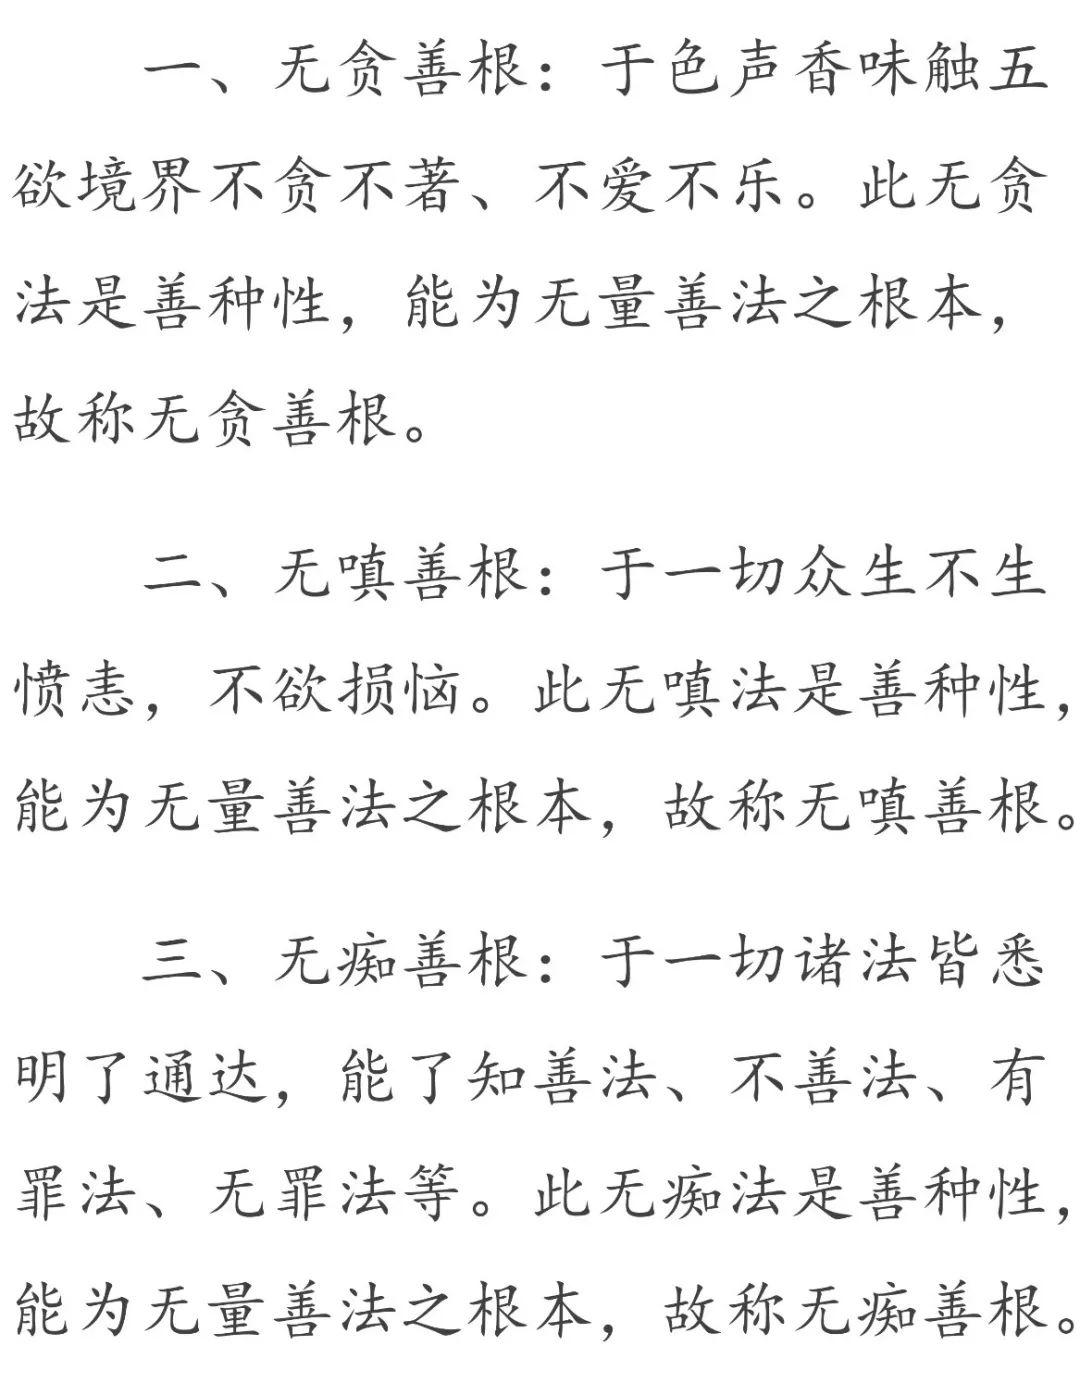 赵孟頫三字的楷书写法_三字楷书图片_书法字典_书法爱